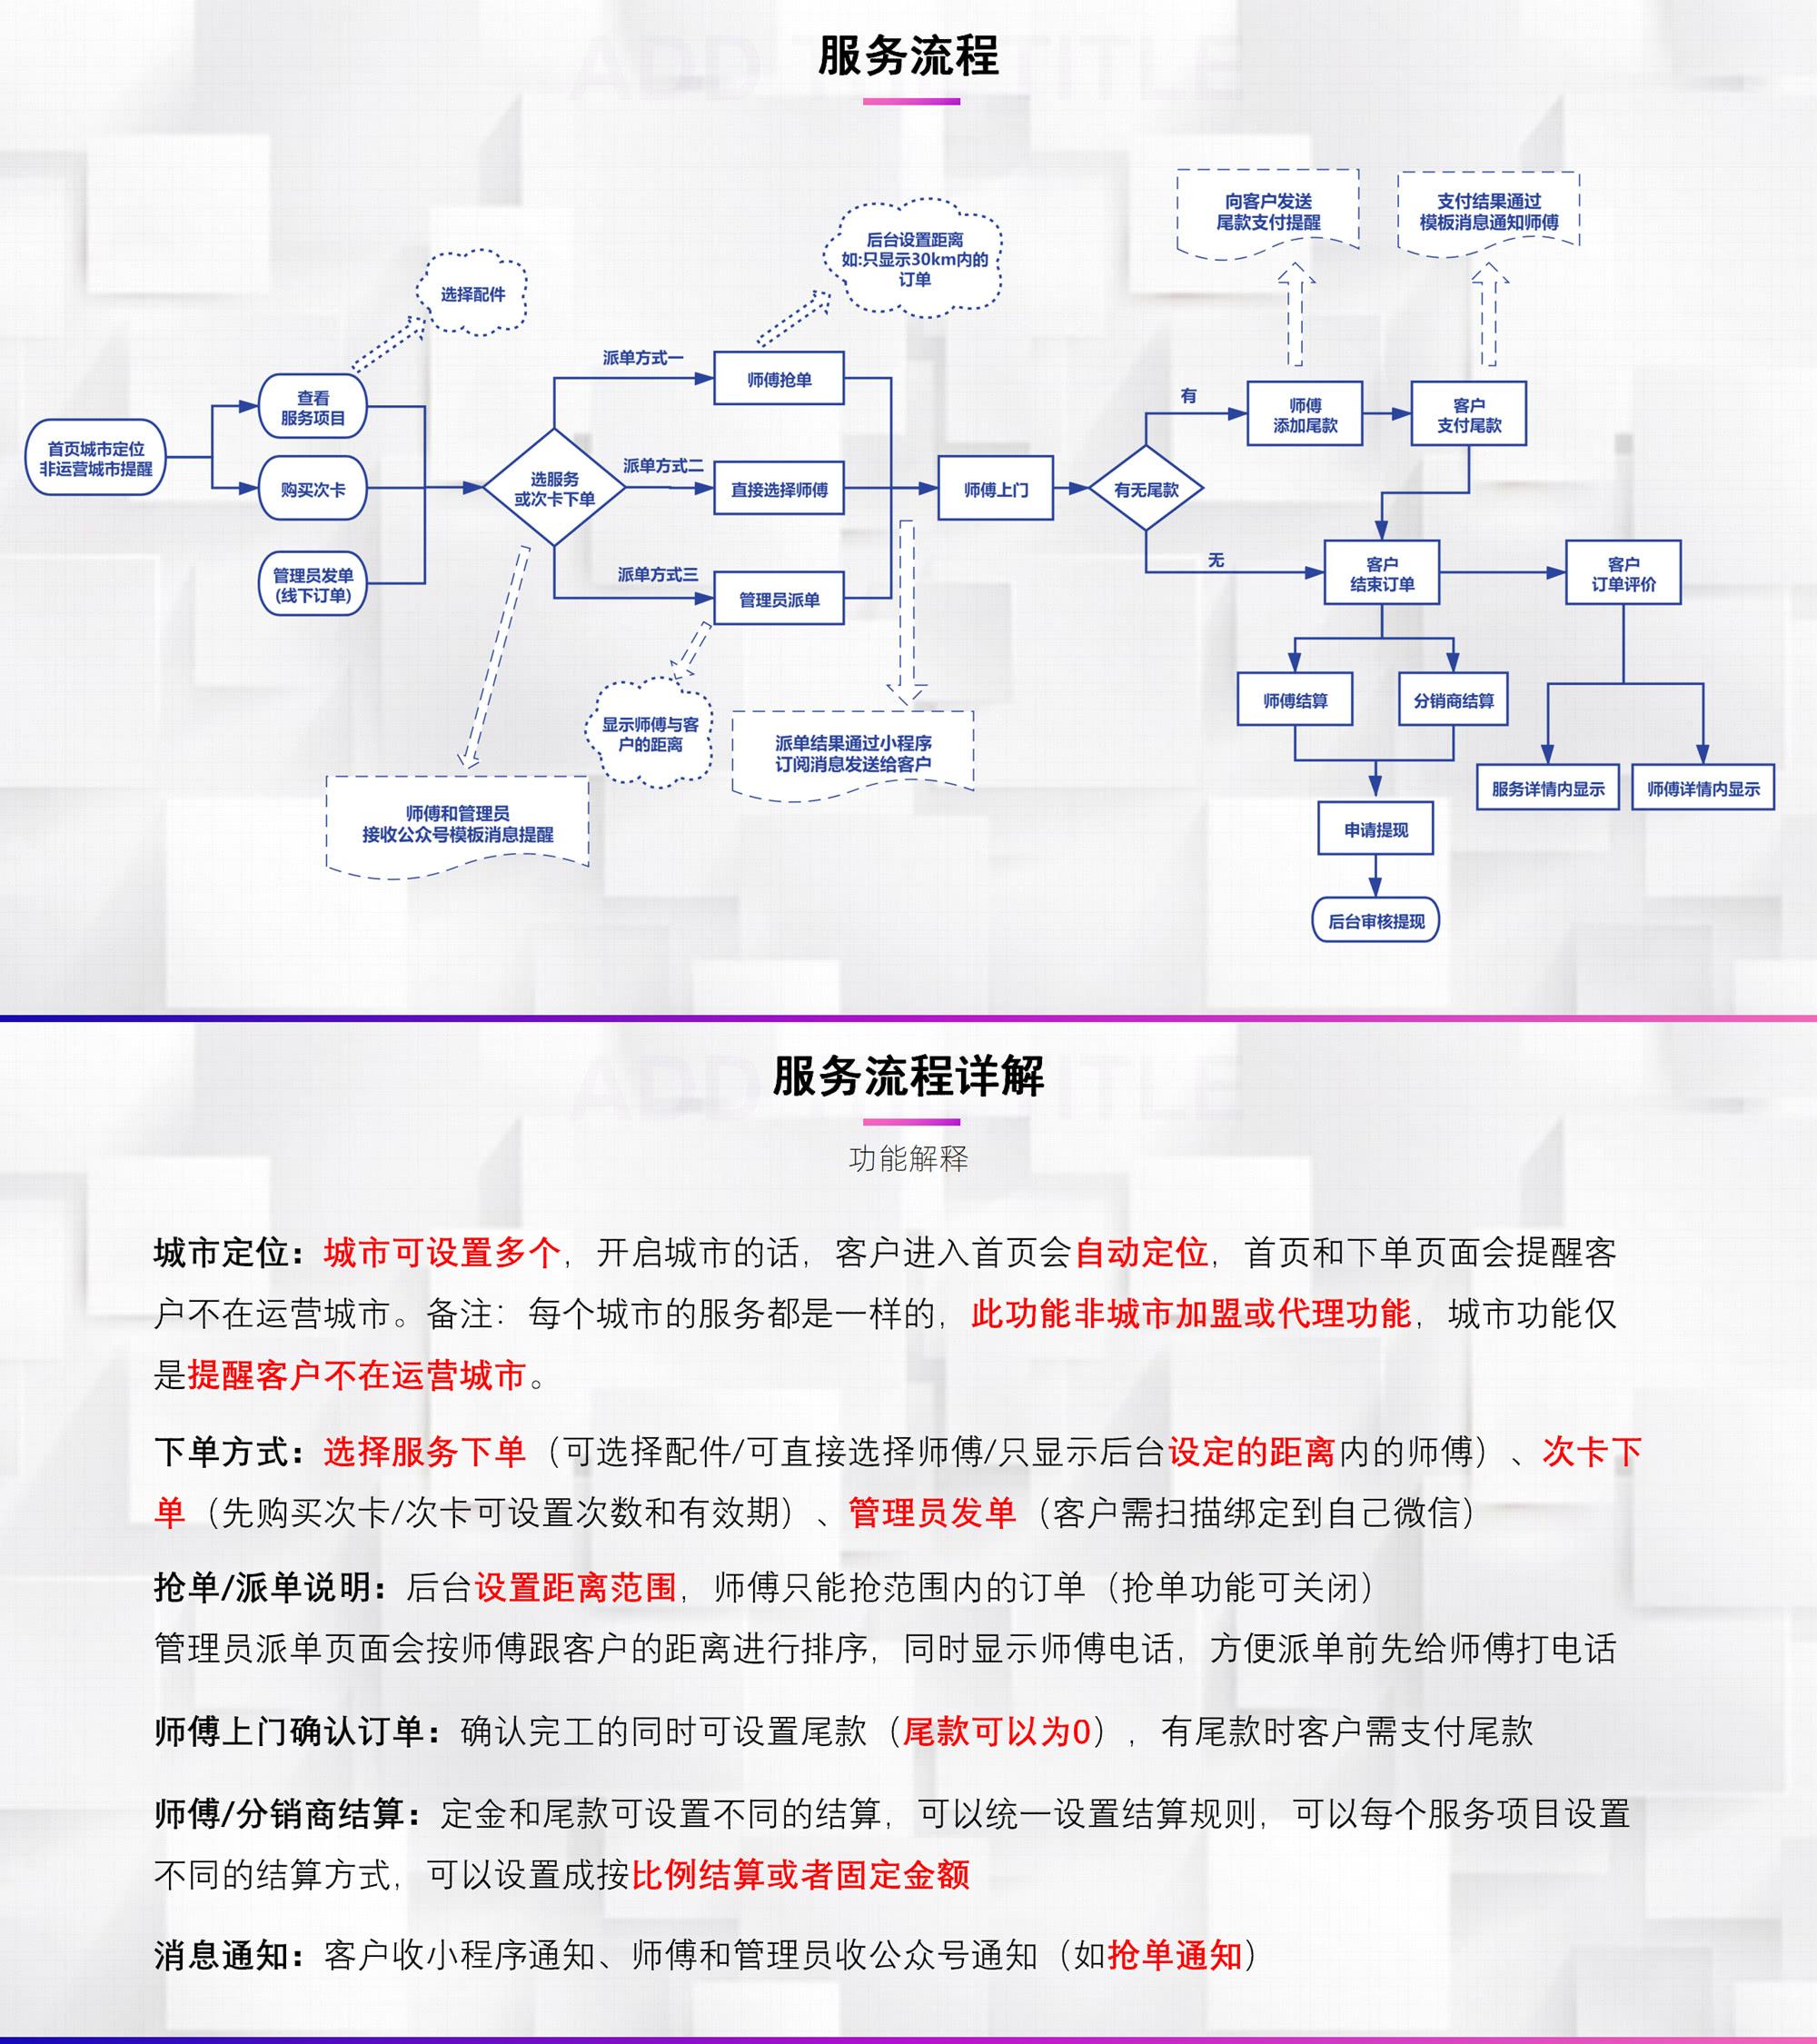 02流程详解.jpg